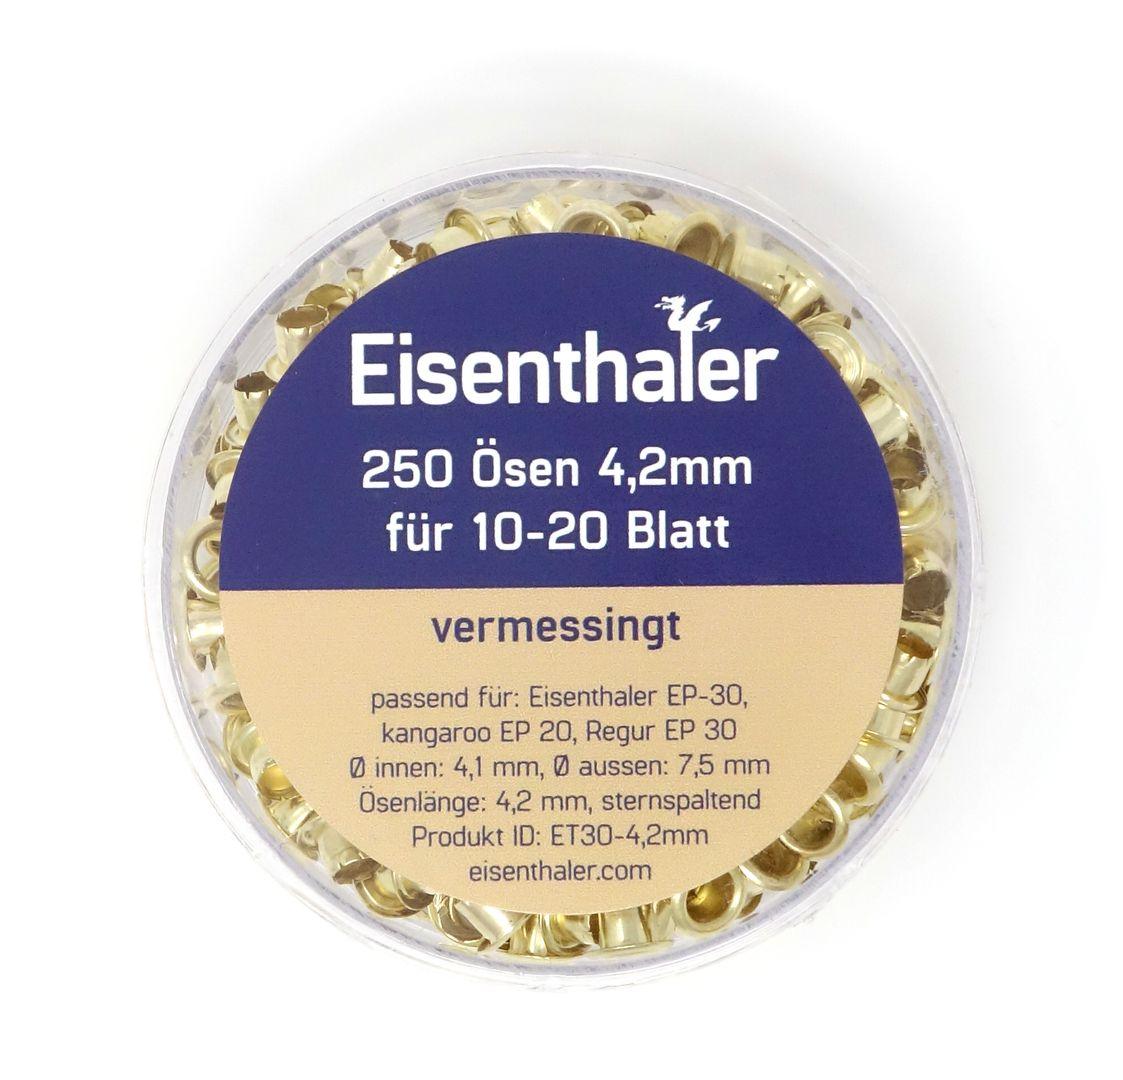 Eisenthaler 250 Ösen ET30-4.2mm, vermessingt, für 10-20 Blatt – Bild 3